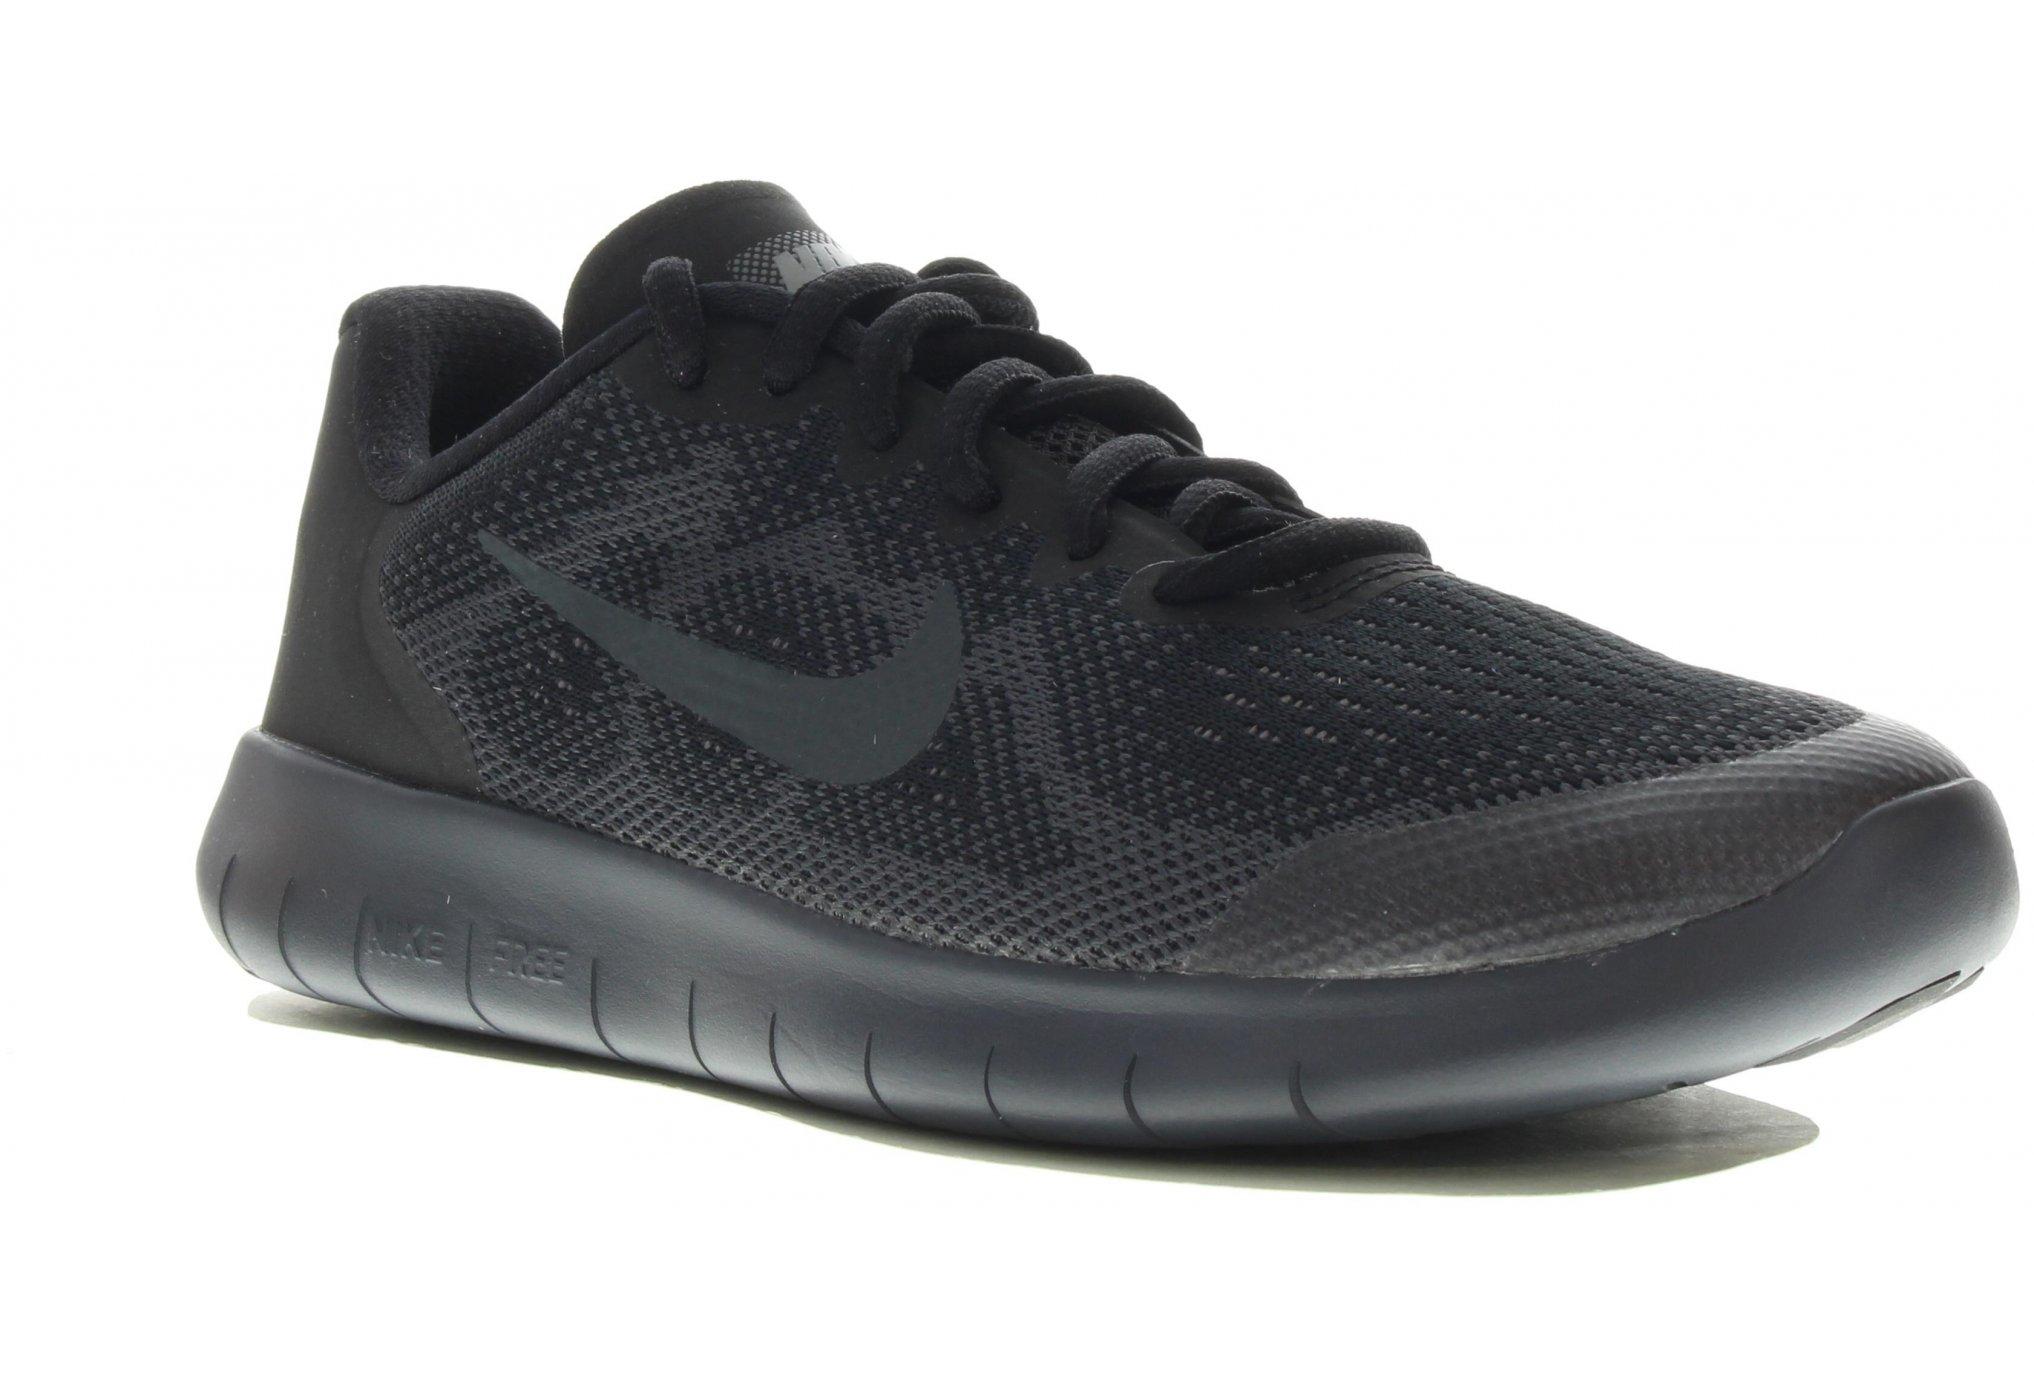 Junior Homme Nike Chaussures Air Nordicfit Et Sport Santé Vapormax OxqCaT6w